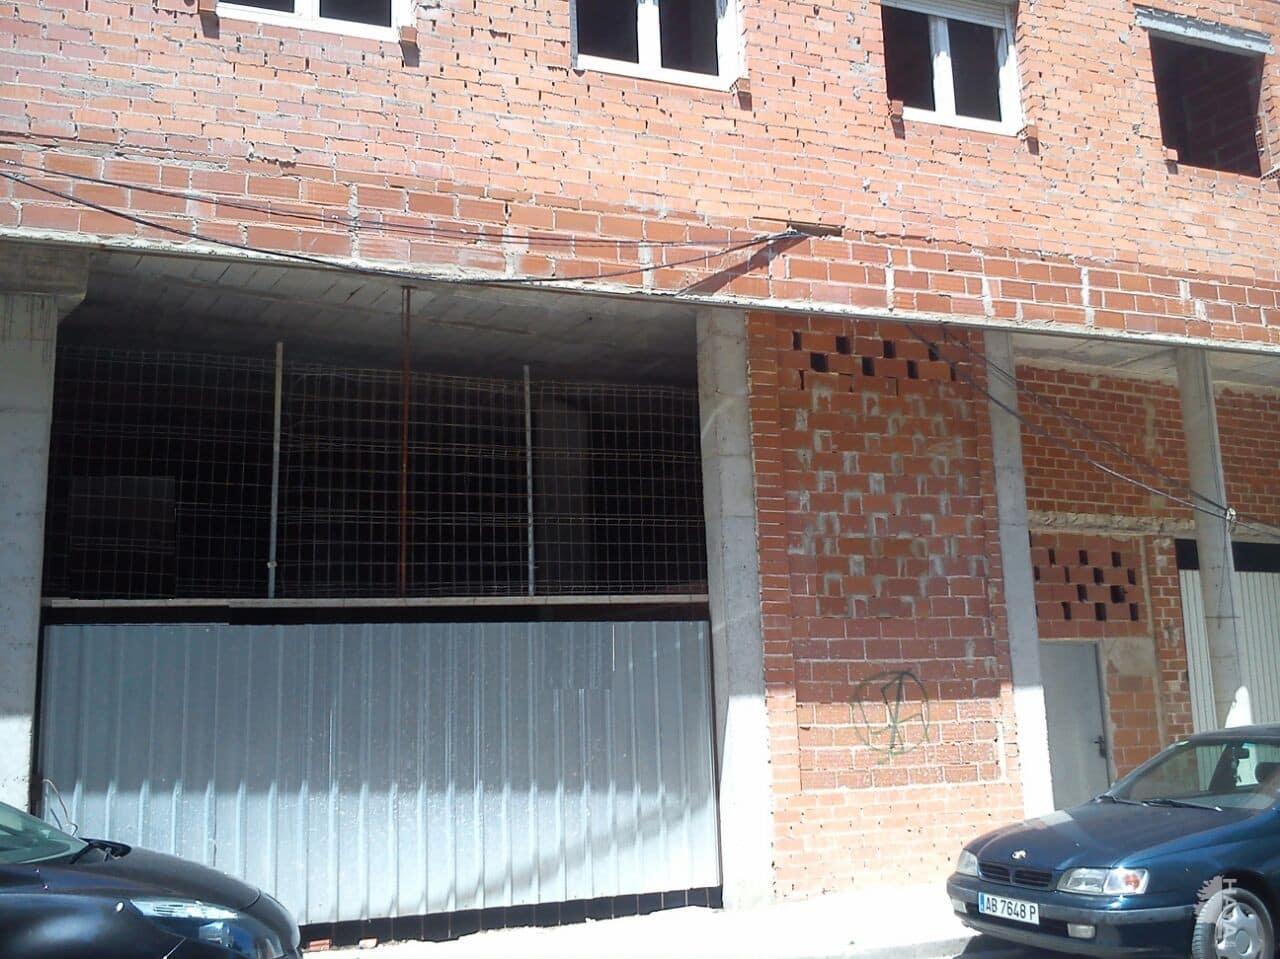 Piso en venta en La Roda, Albacete, Calle Juan Garcia Glz, 41.700 €, 1 habitación, 1 baño, 102 m2